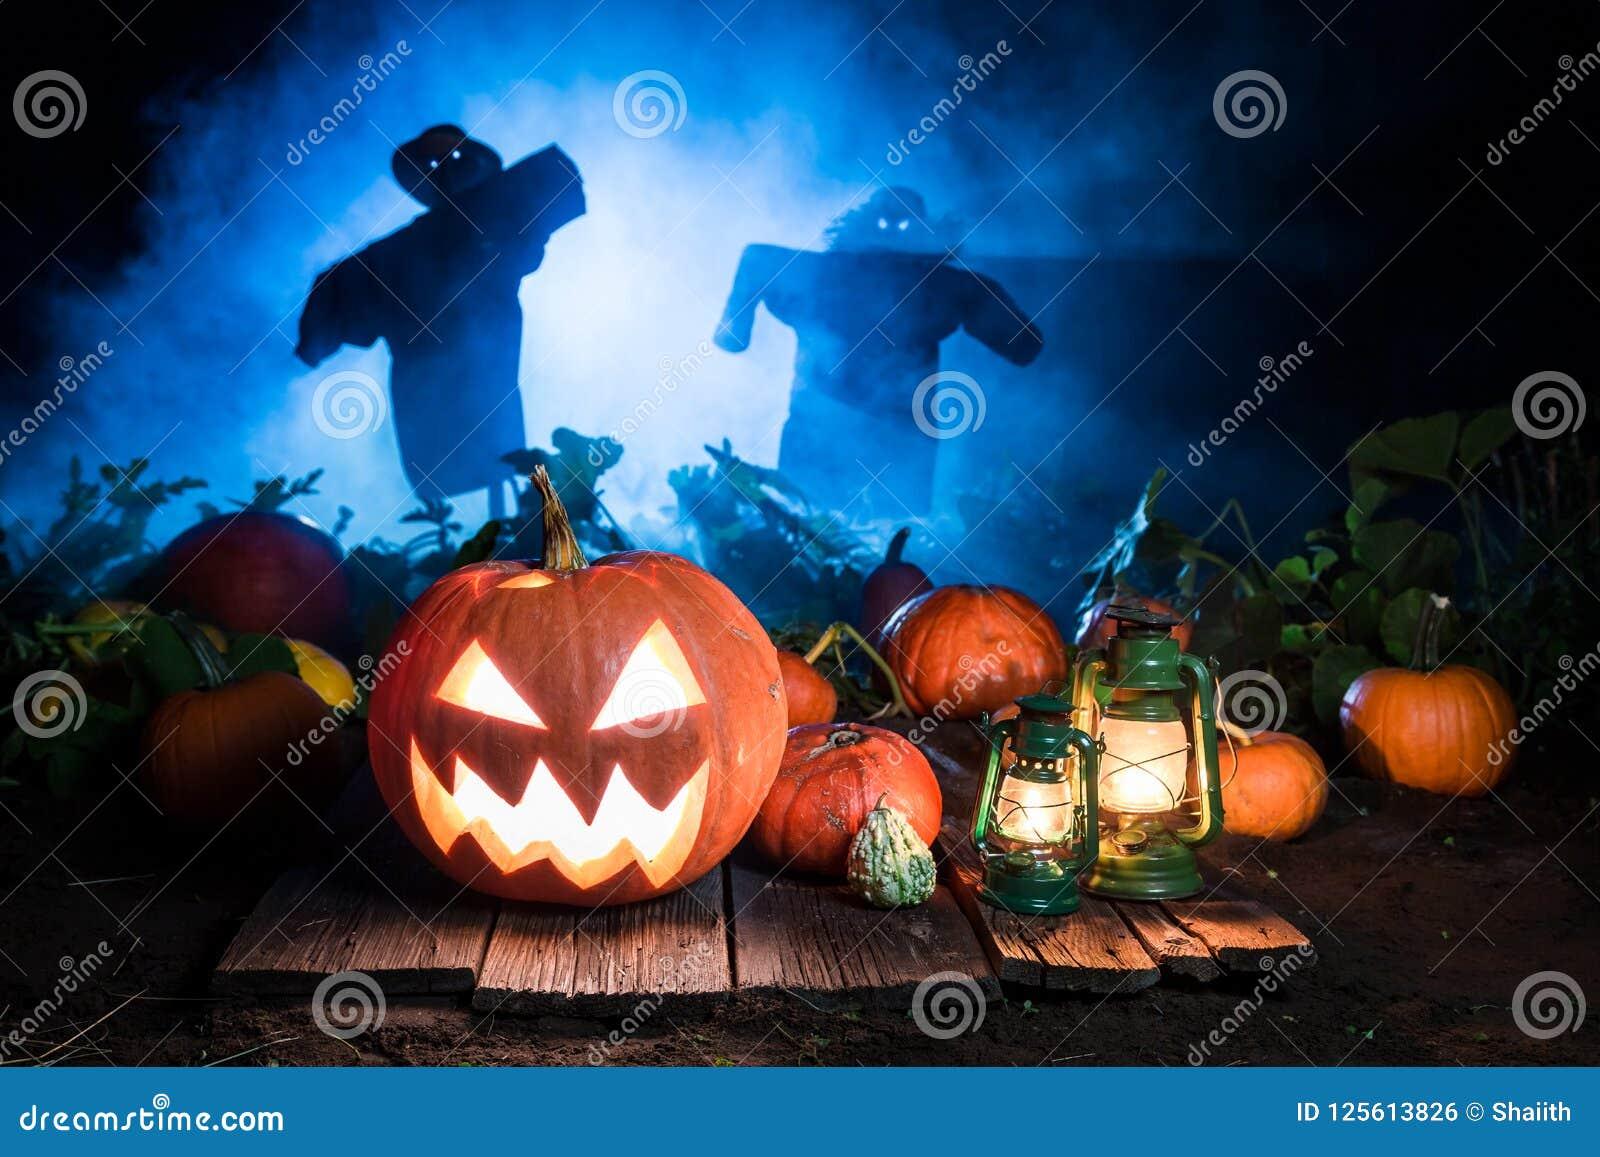 Calabaza de Halloween con los espantapájaros y la niebla azul